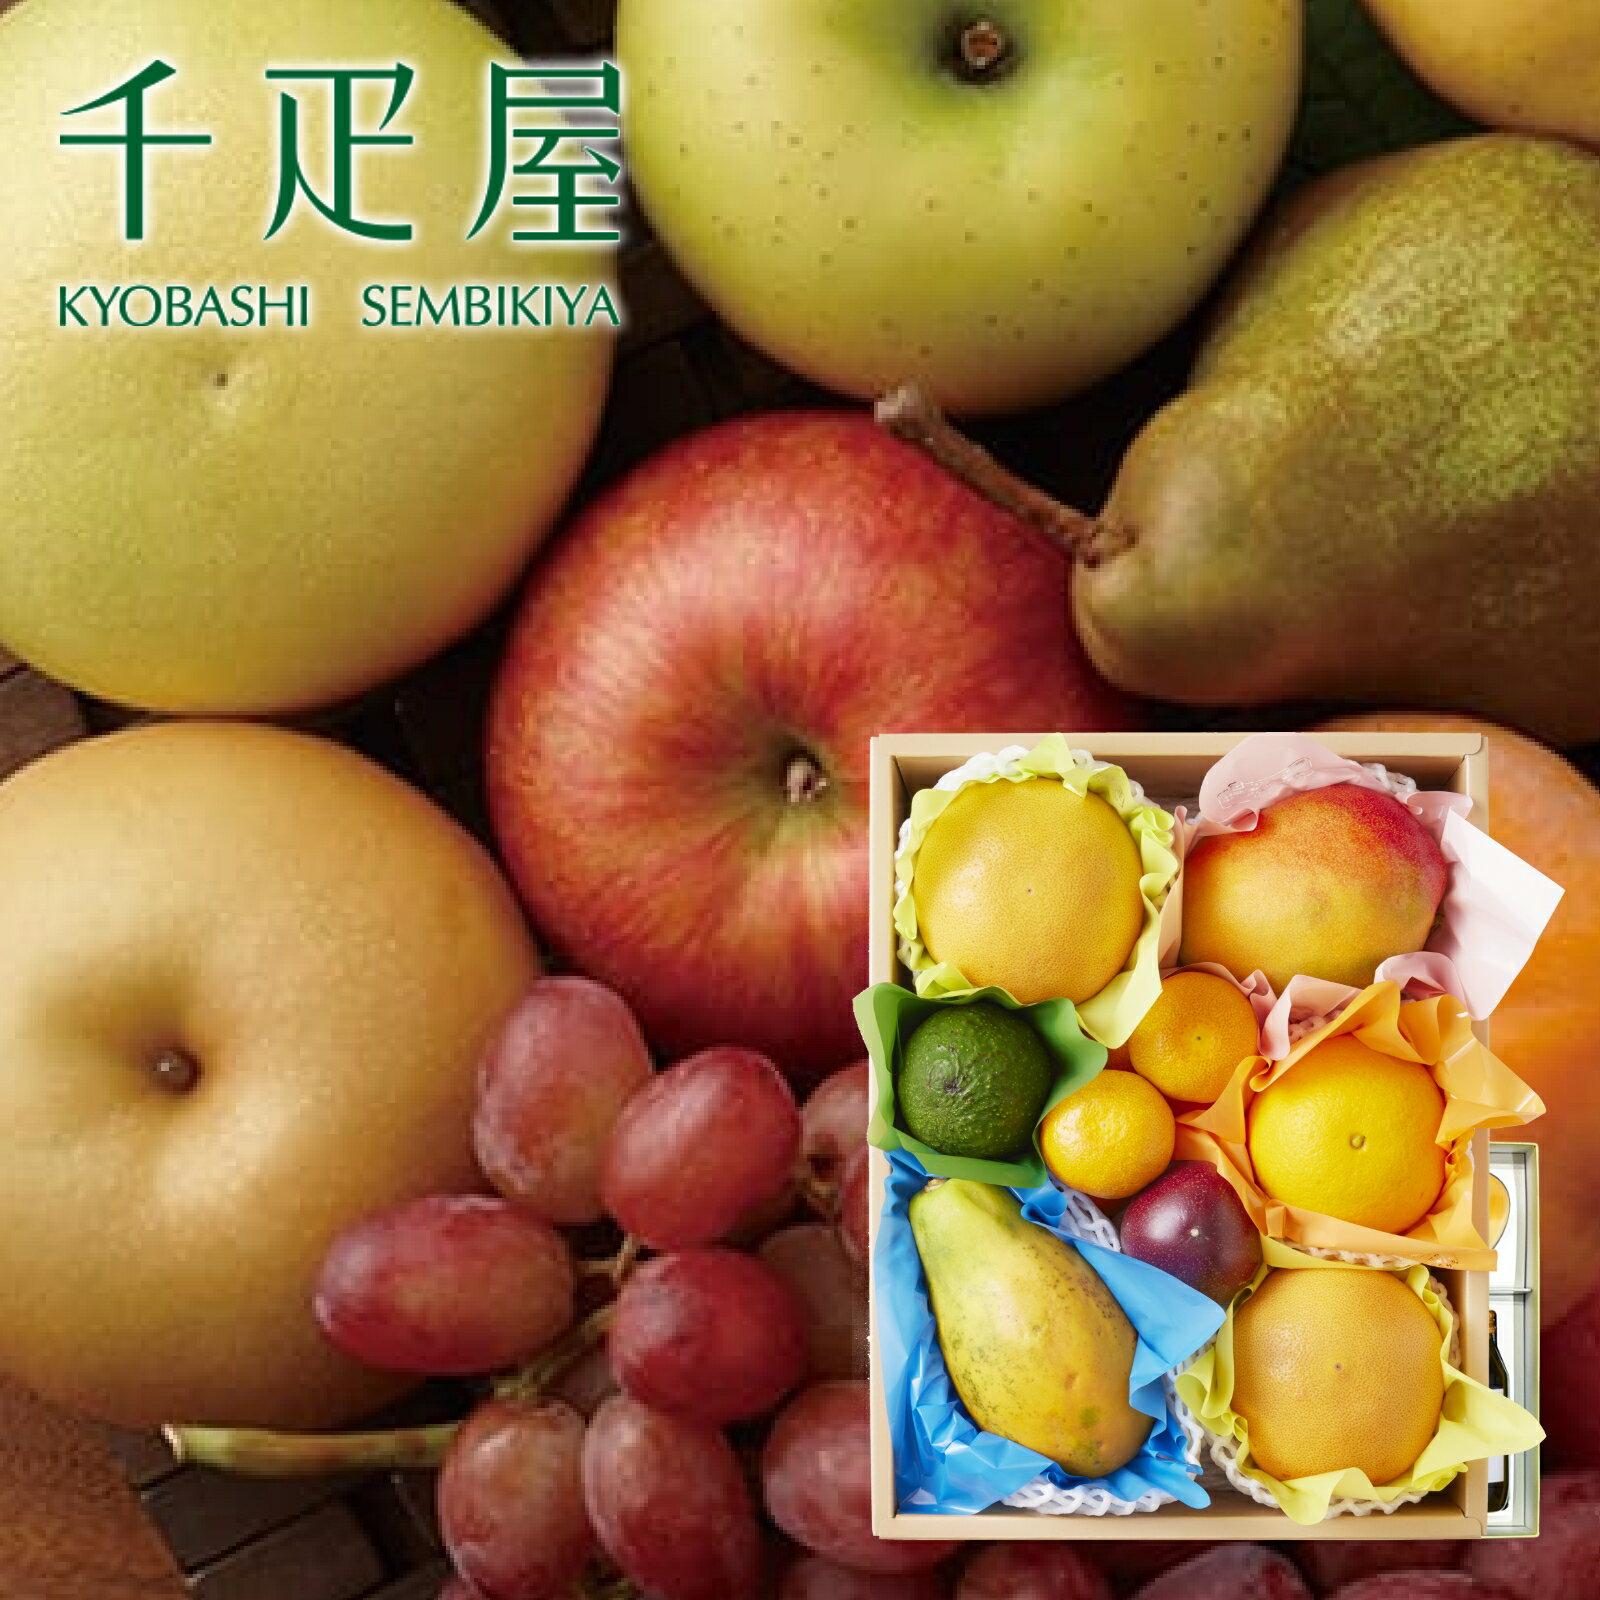 フルーツ・果物, セット・詰め合わせ  57